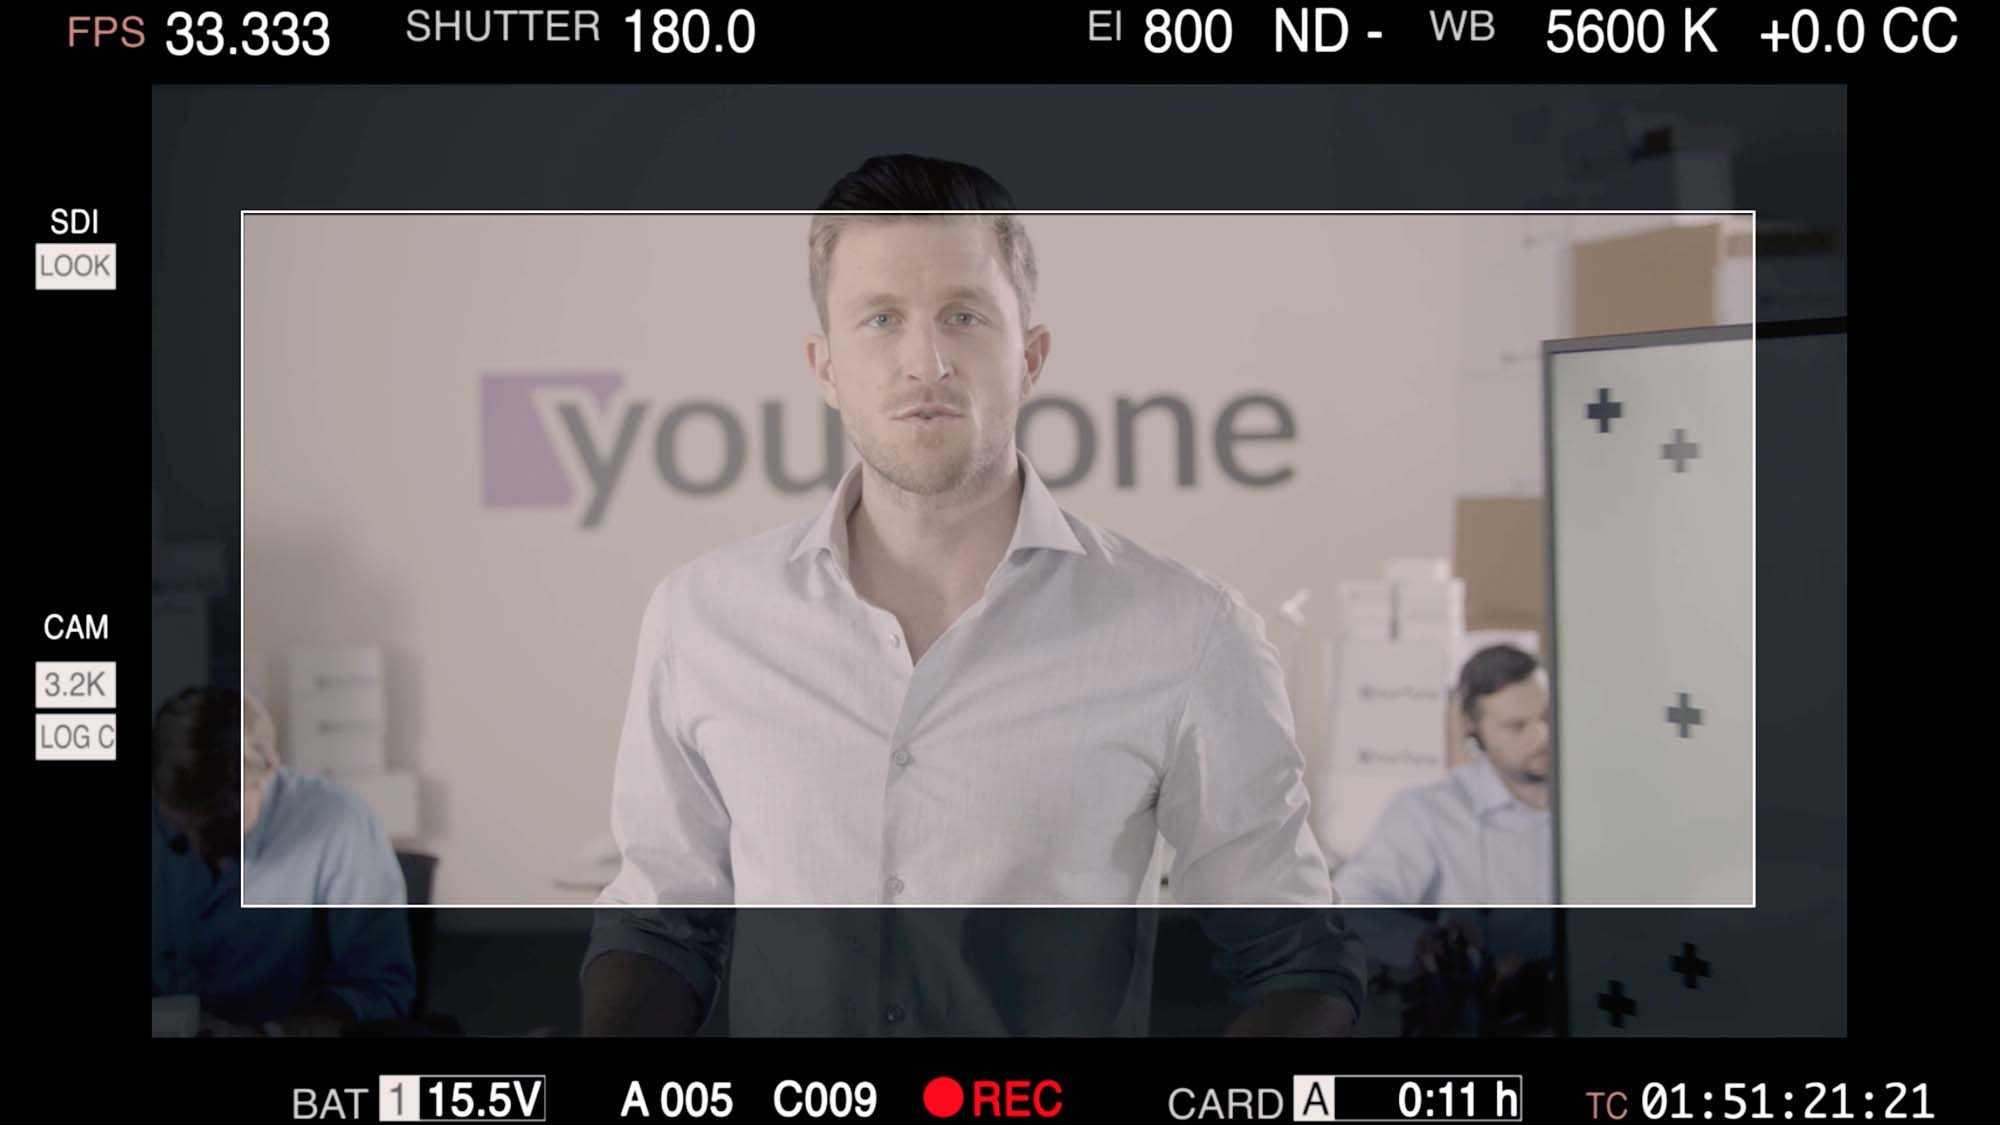 Das Bild zeigt einen Monitor. Auf dem Monitor sieht man einen Mann in einem Hemd. Er spricht. Der Monitor ist der Übertragungsbildschirm einer Kamera. Das Bild dient als Sliderbild für den Portfolioeintrag Yourfone - DRTV Spot von Panda Pictures.